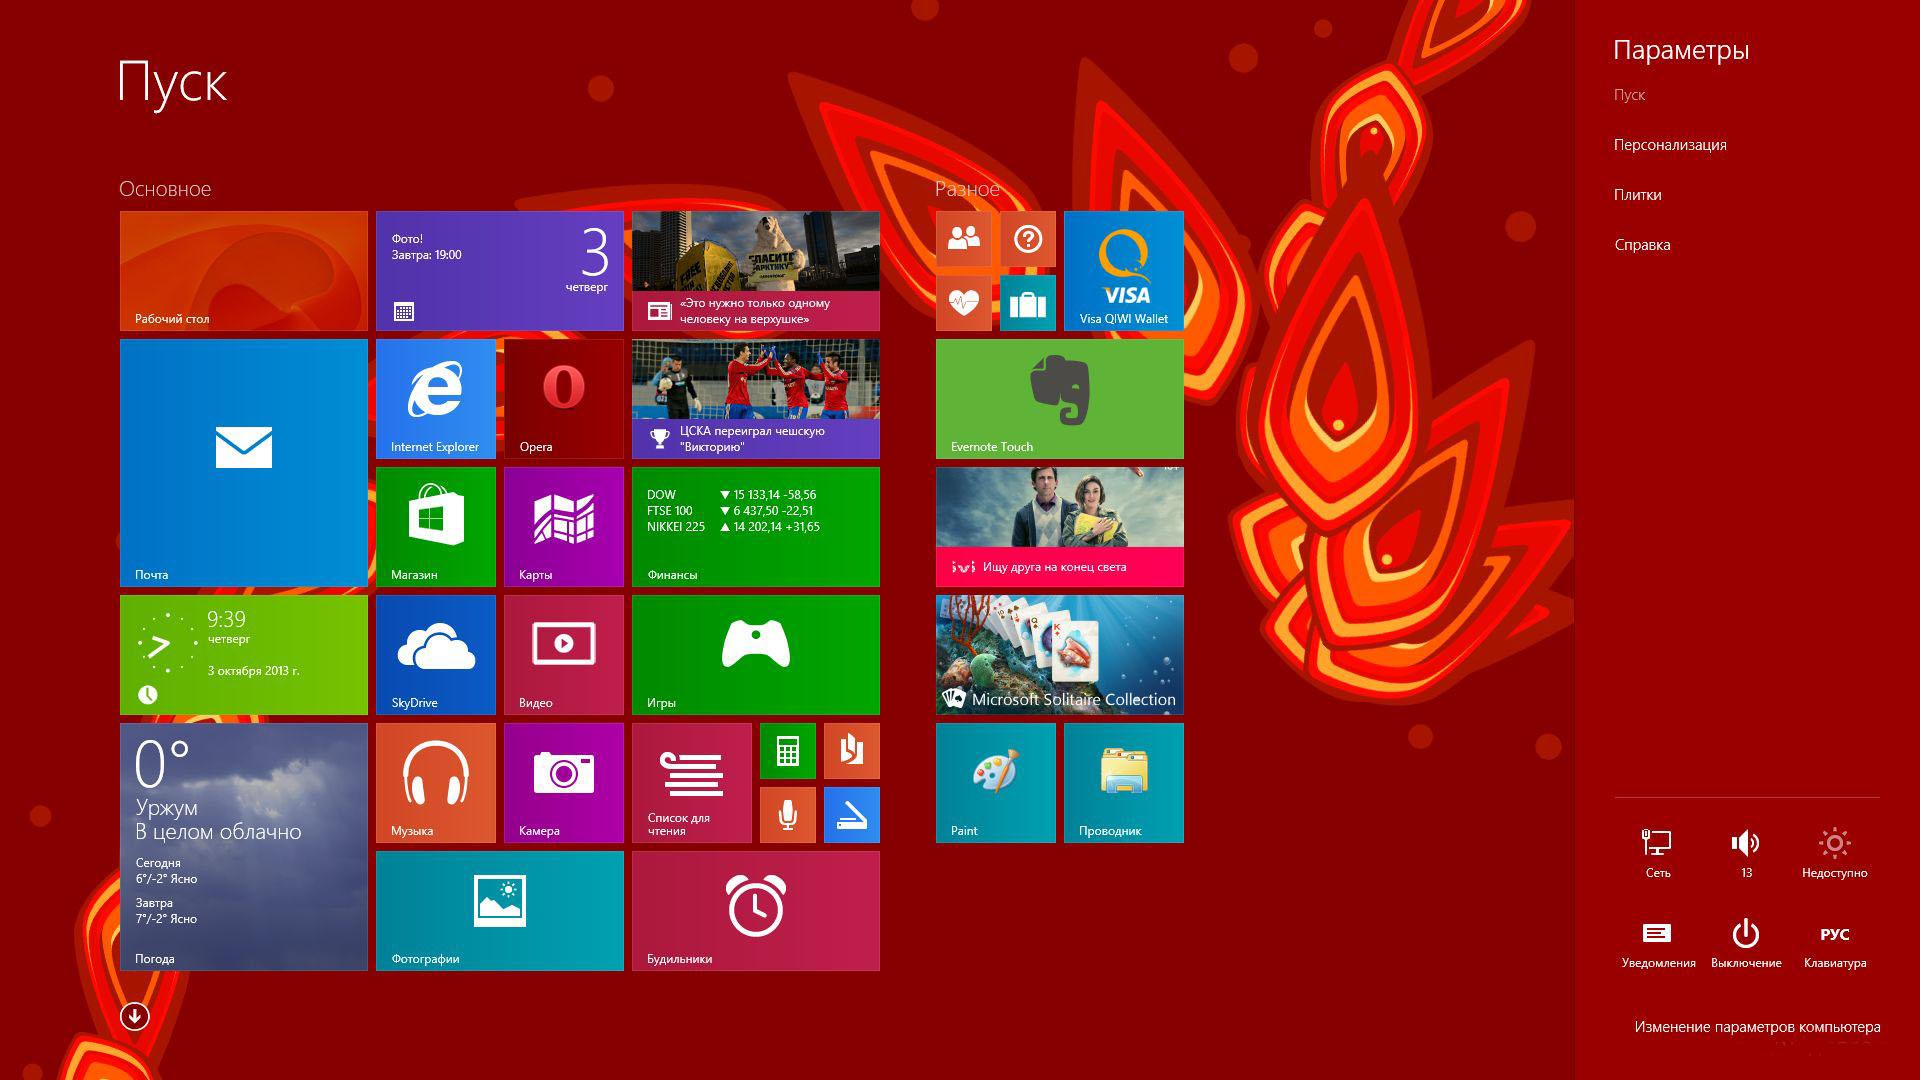 Программа которая меняет обои на рабочем столе windows 10